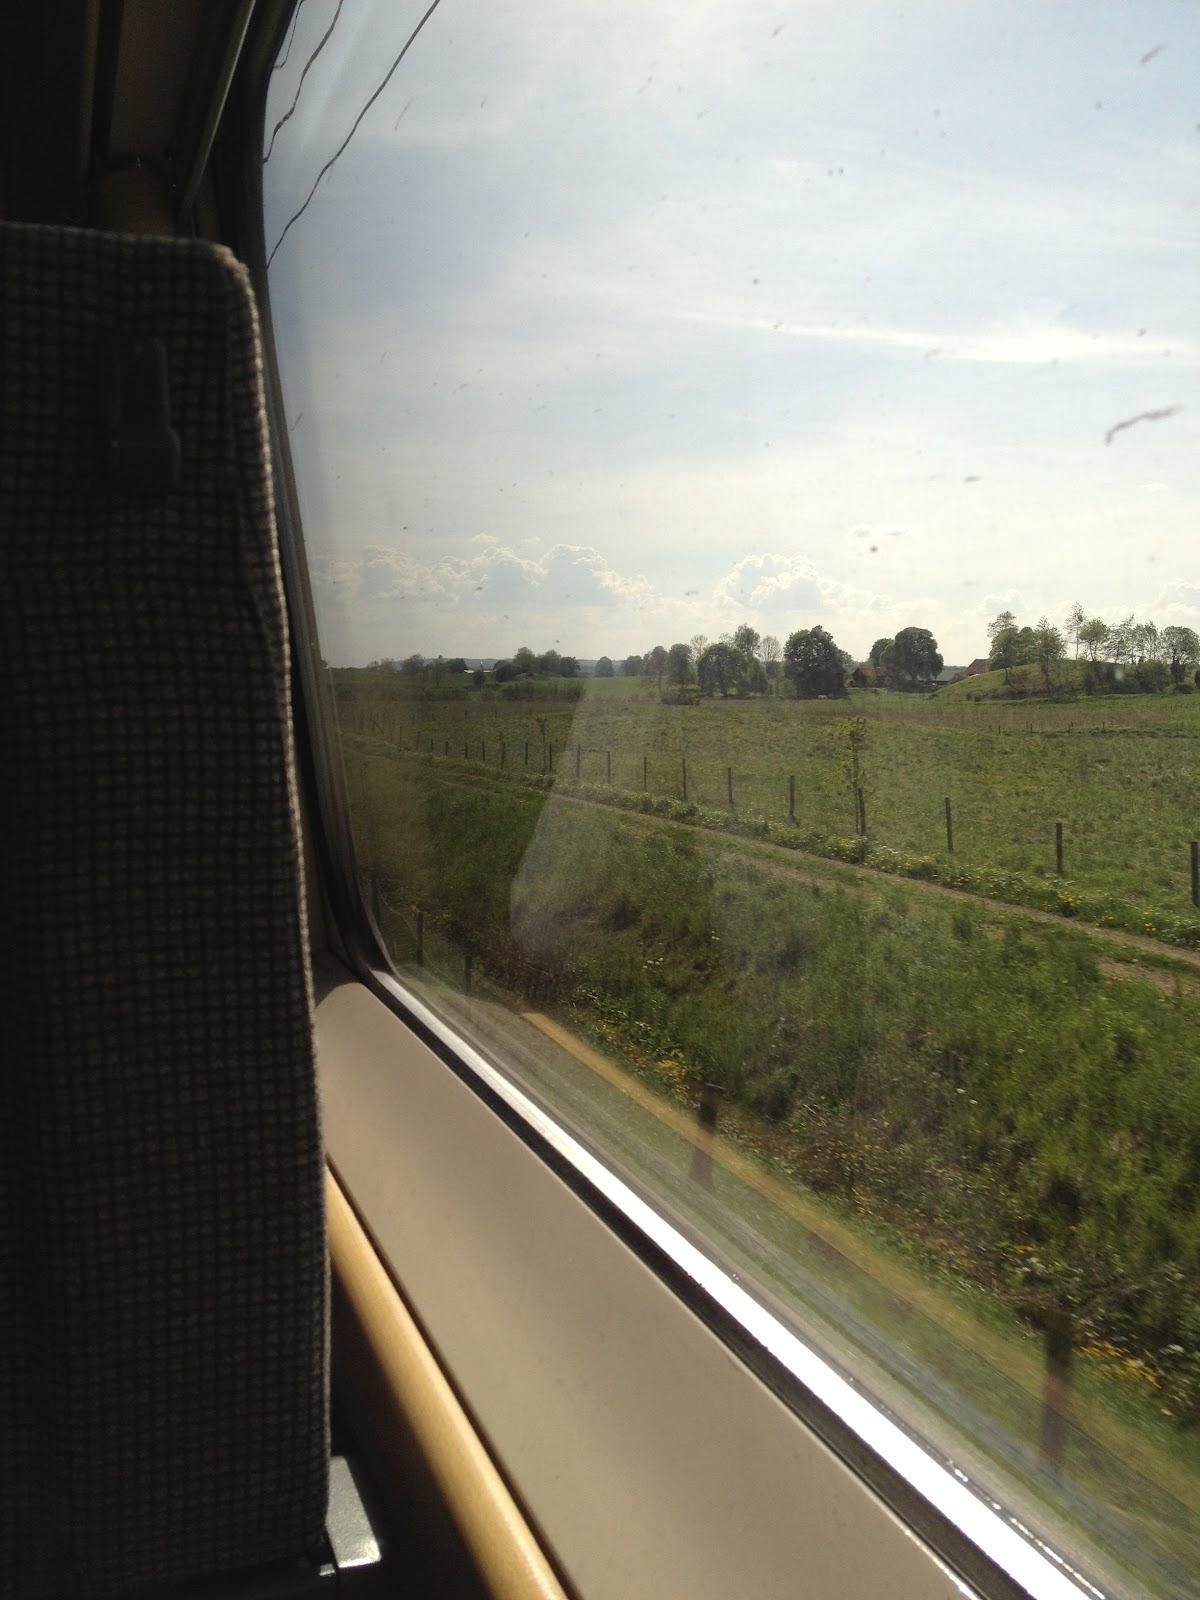 åka tåg till göteborg